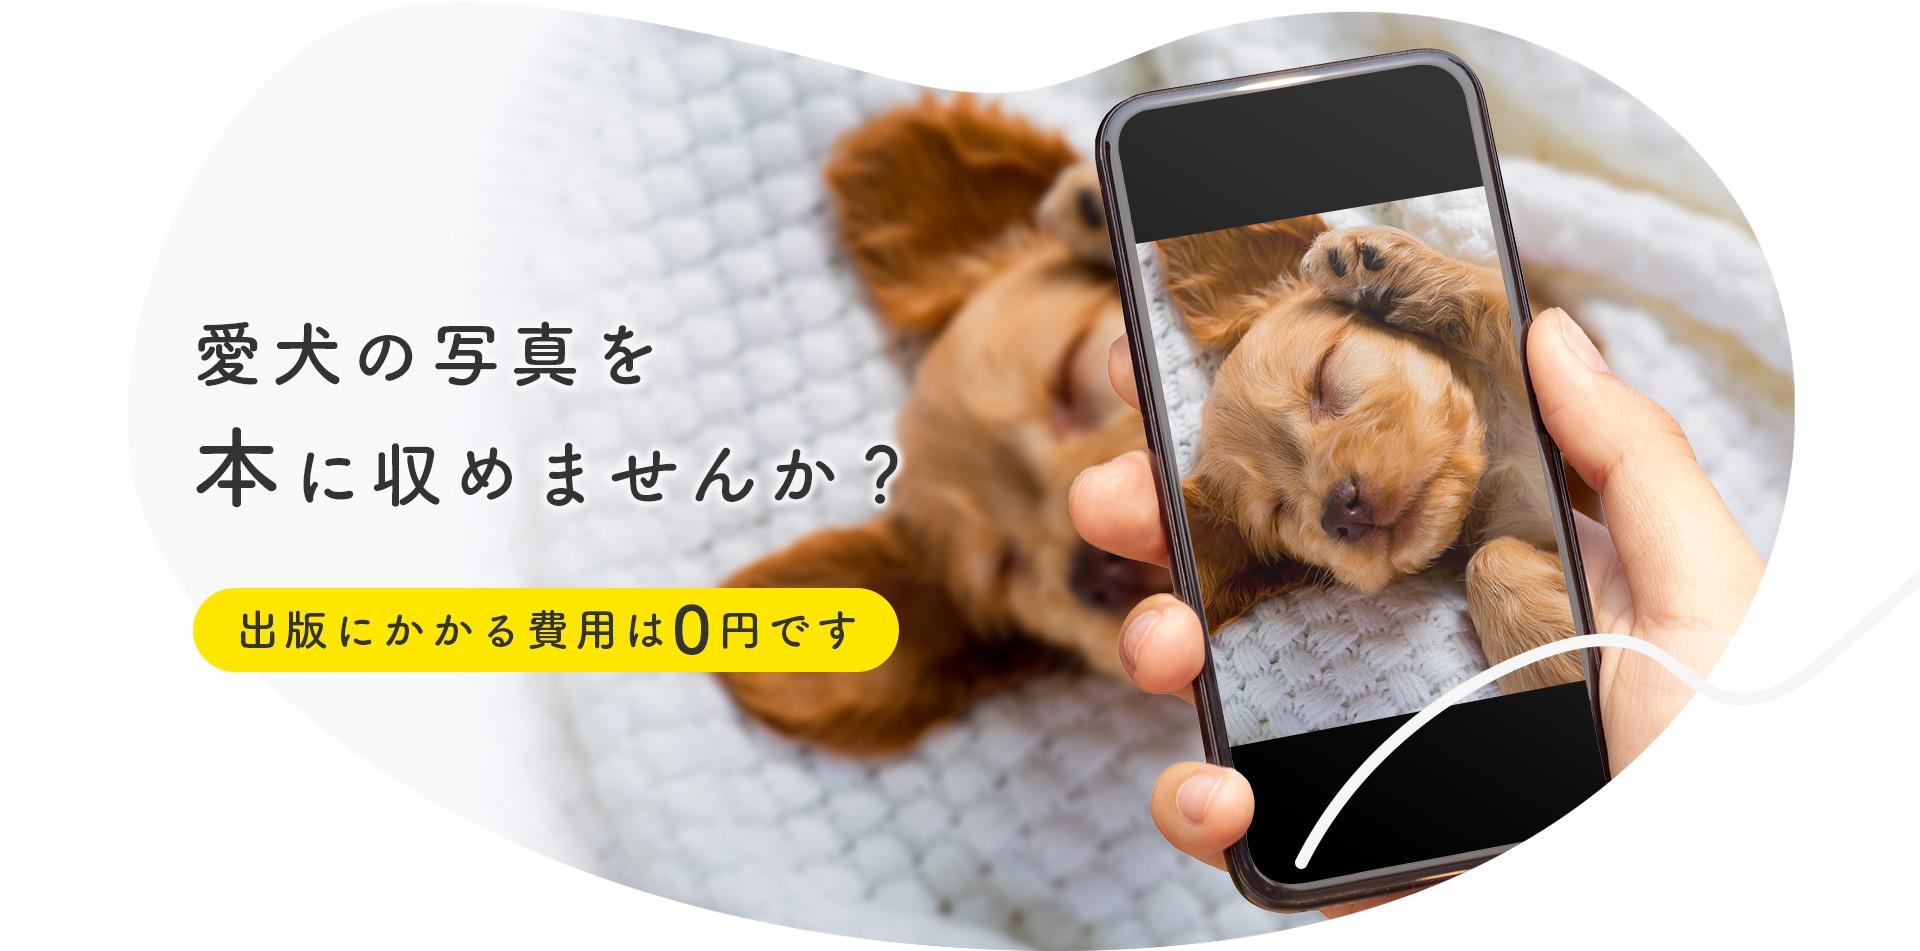 愛犬の写真を本に収めませんか?出版にかかる費用は0円です